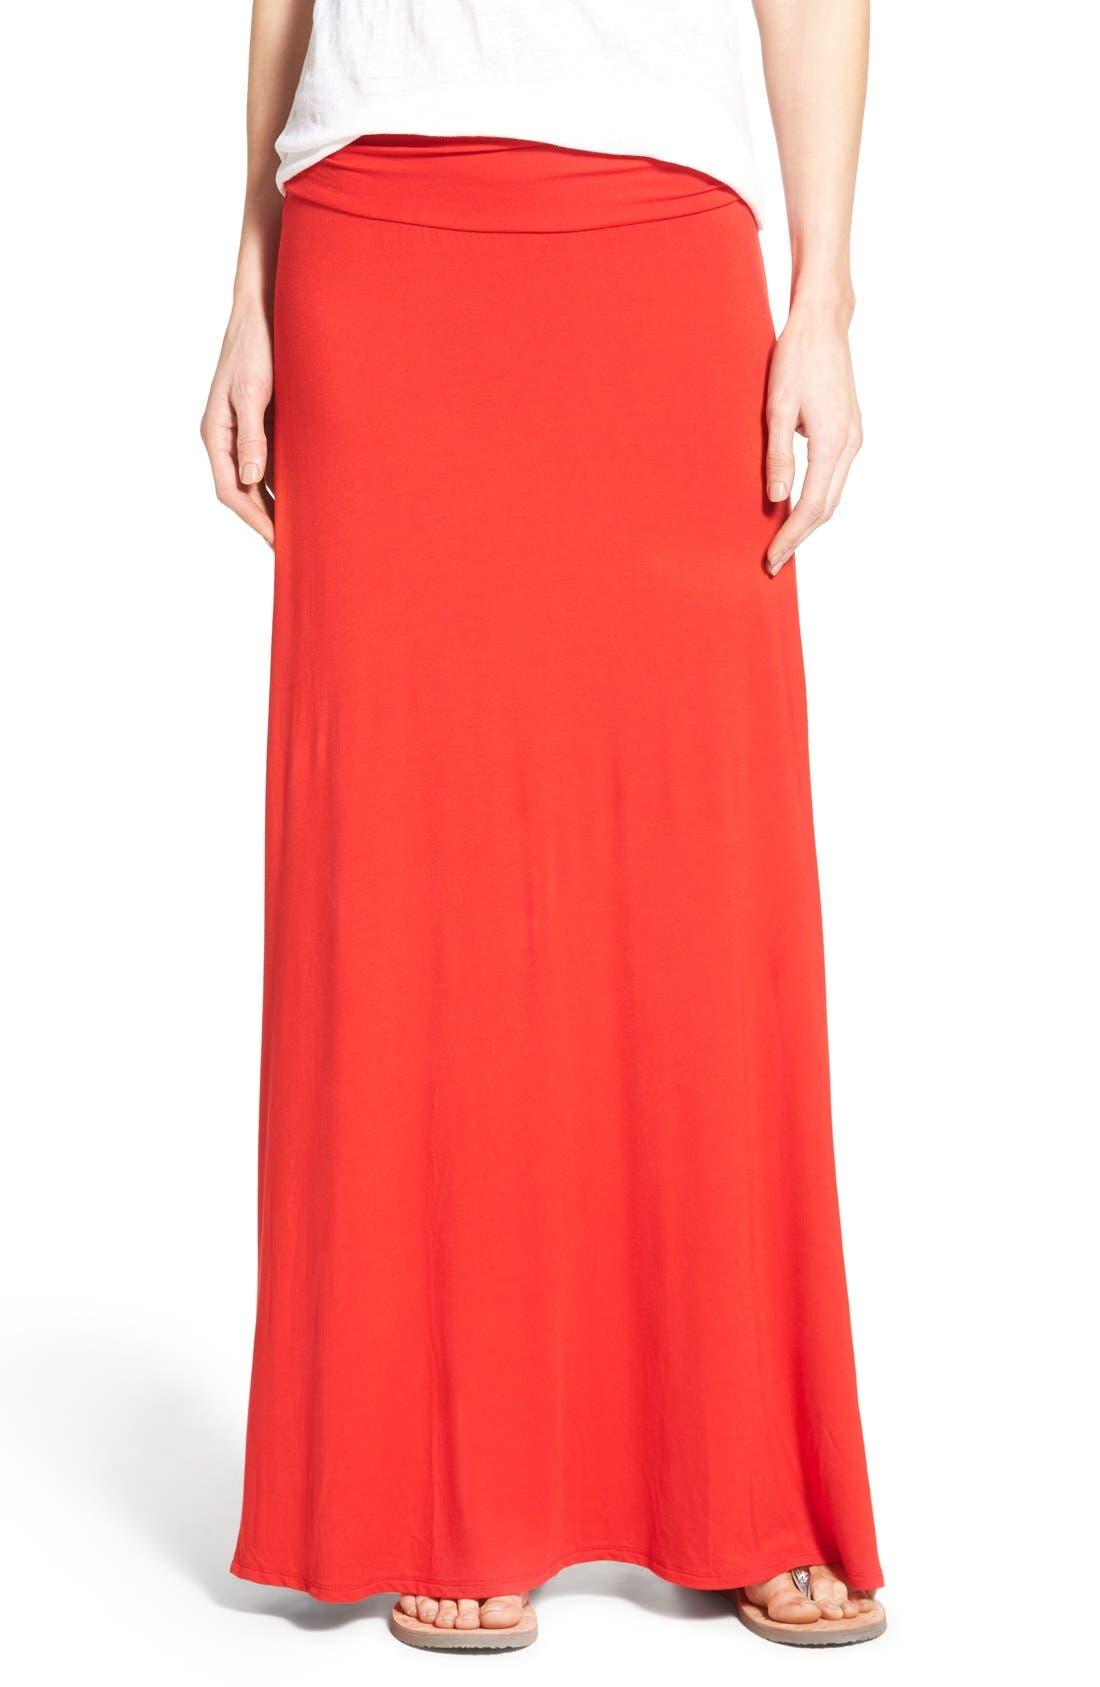 A-Line Skirts: Velvet, Sequin, Floral & More   Nordstrom